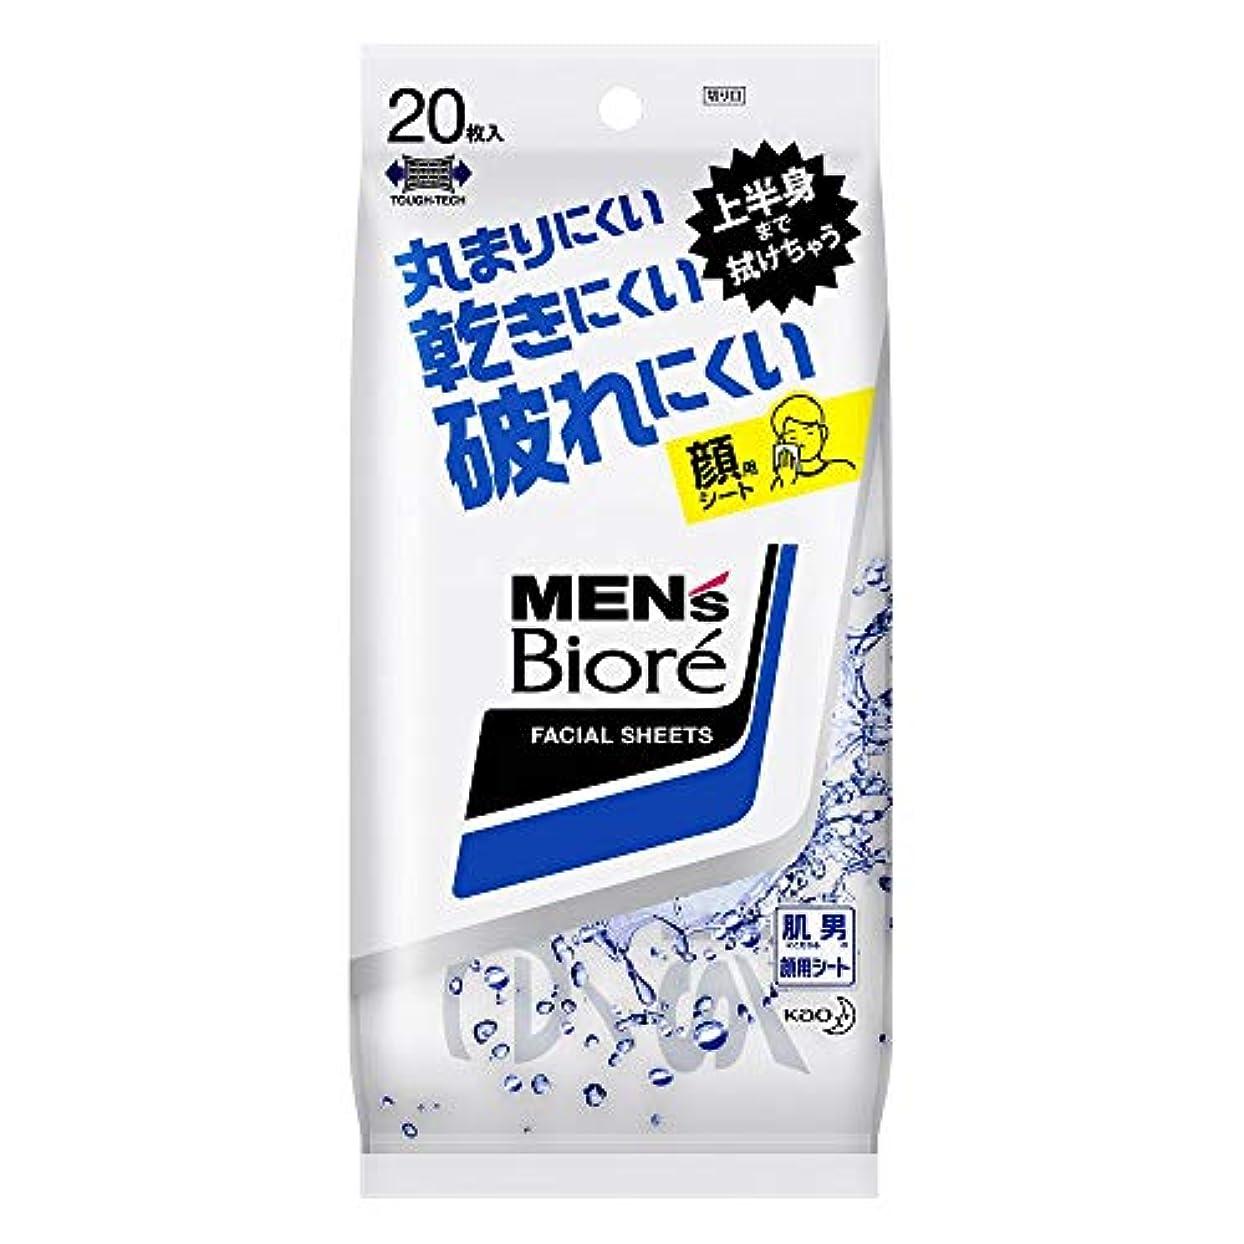 懺悔電報履歴書花王 メンズビオレ 洗顔シート 携帯用 20枚